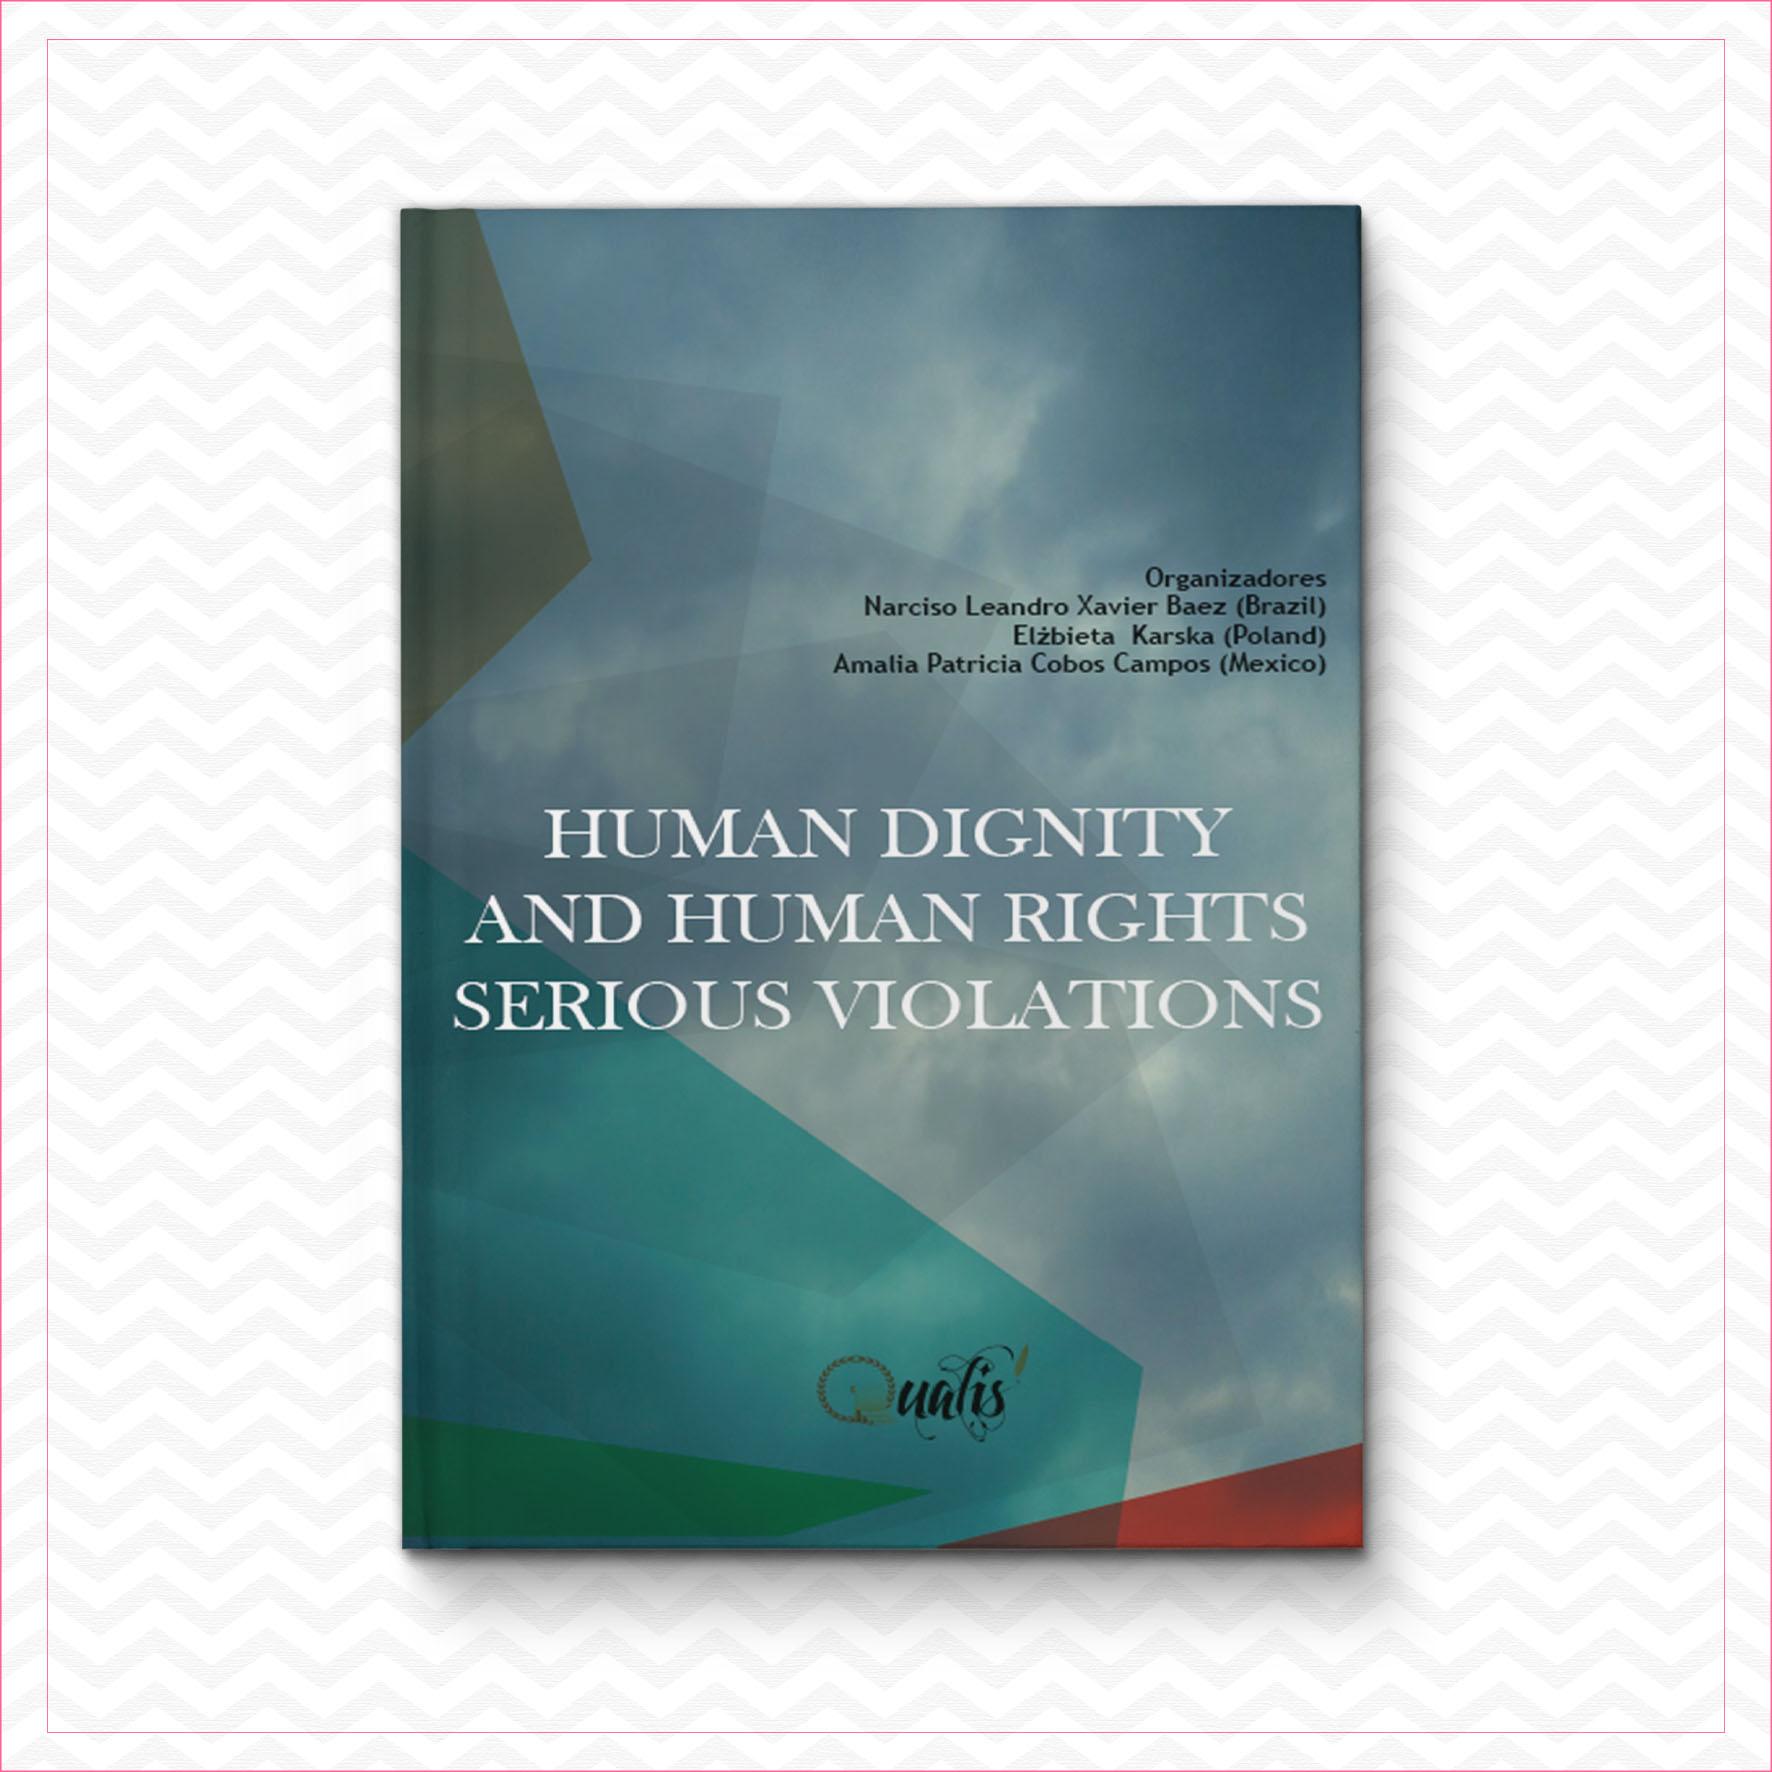 Human dignity and human rights serious violations